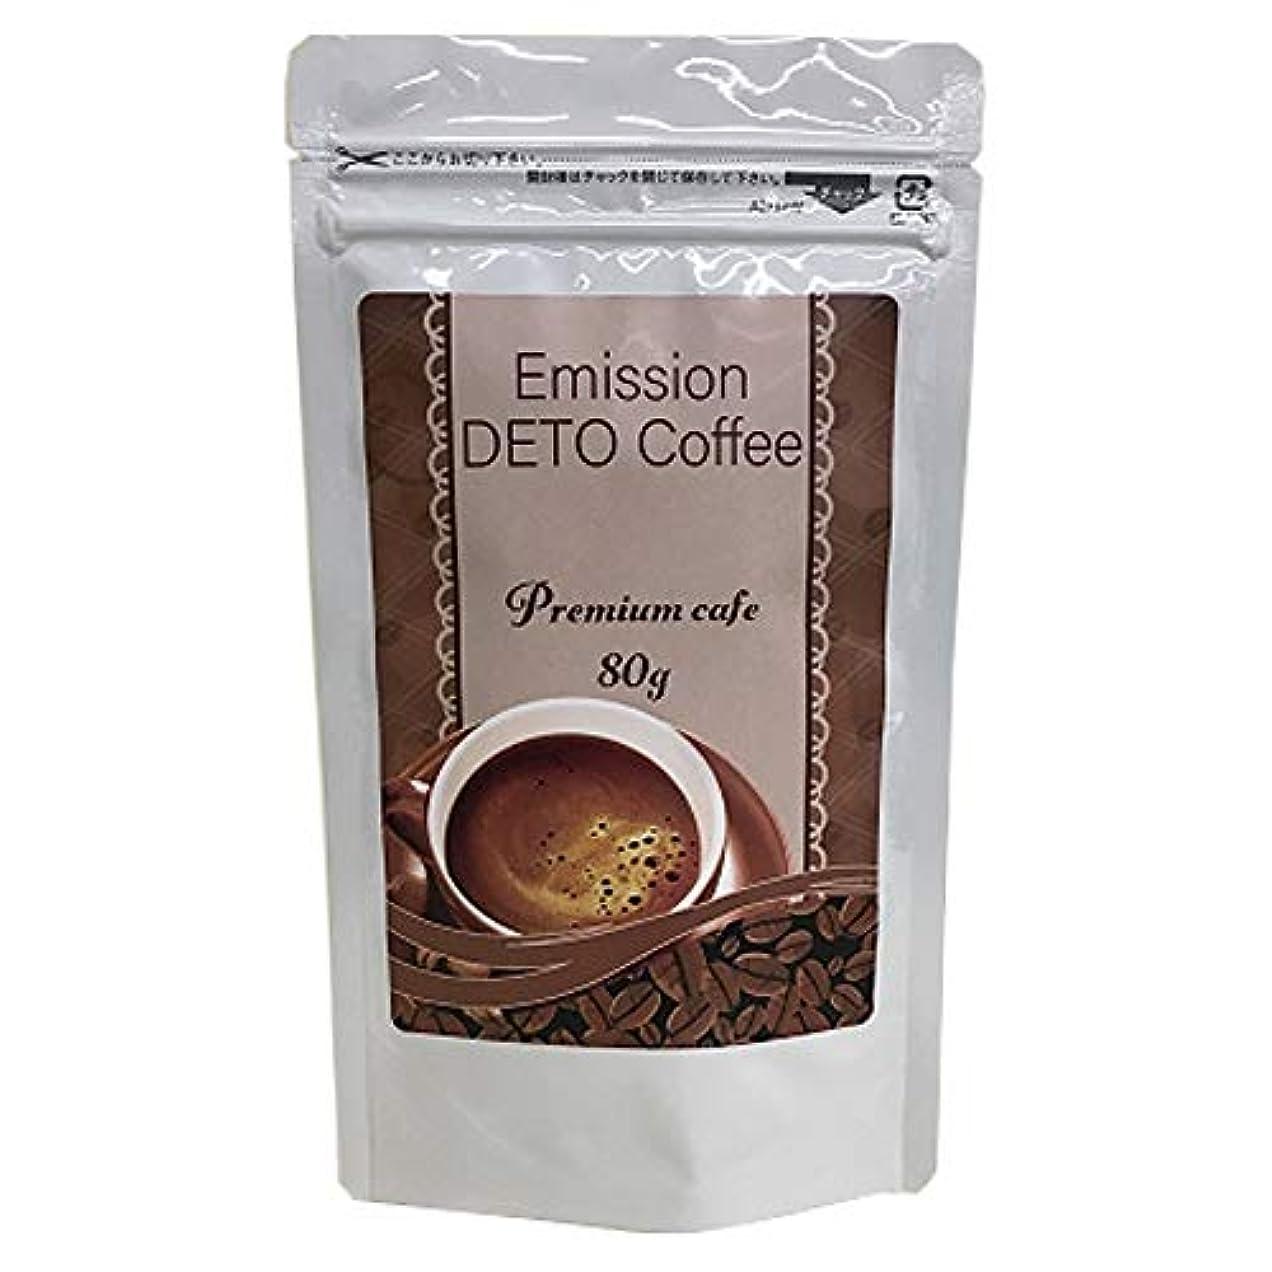 ルート魅惑する援助エミッションデトコーヒー ダイエットコーヒー